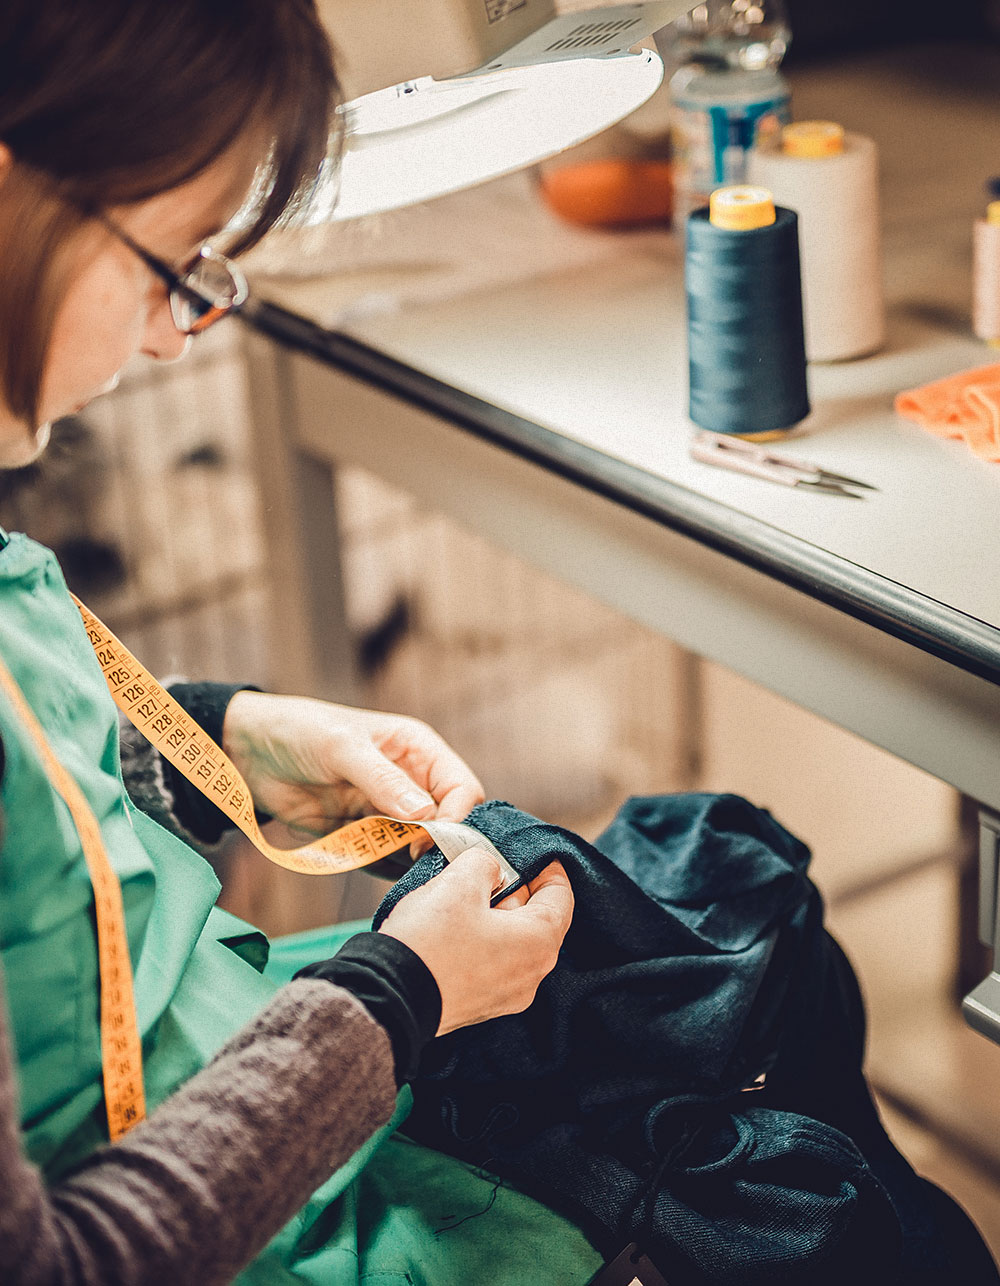 anne-craftmanship-04